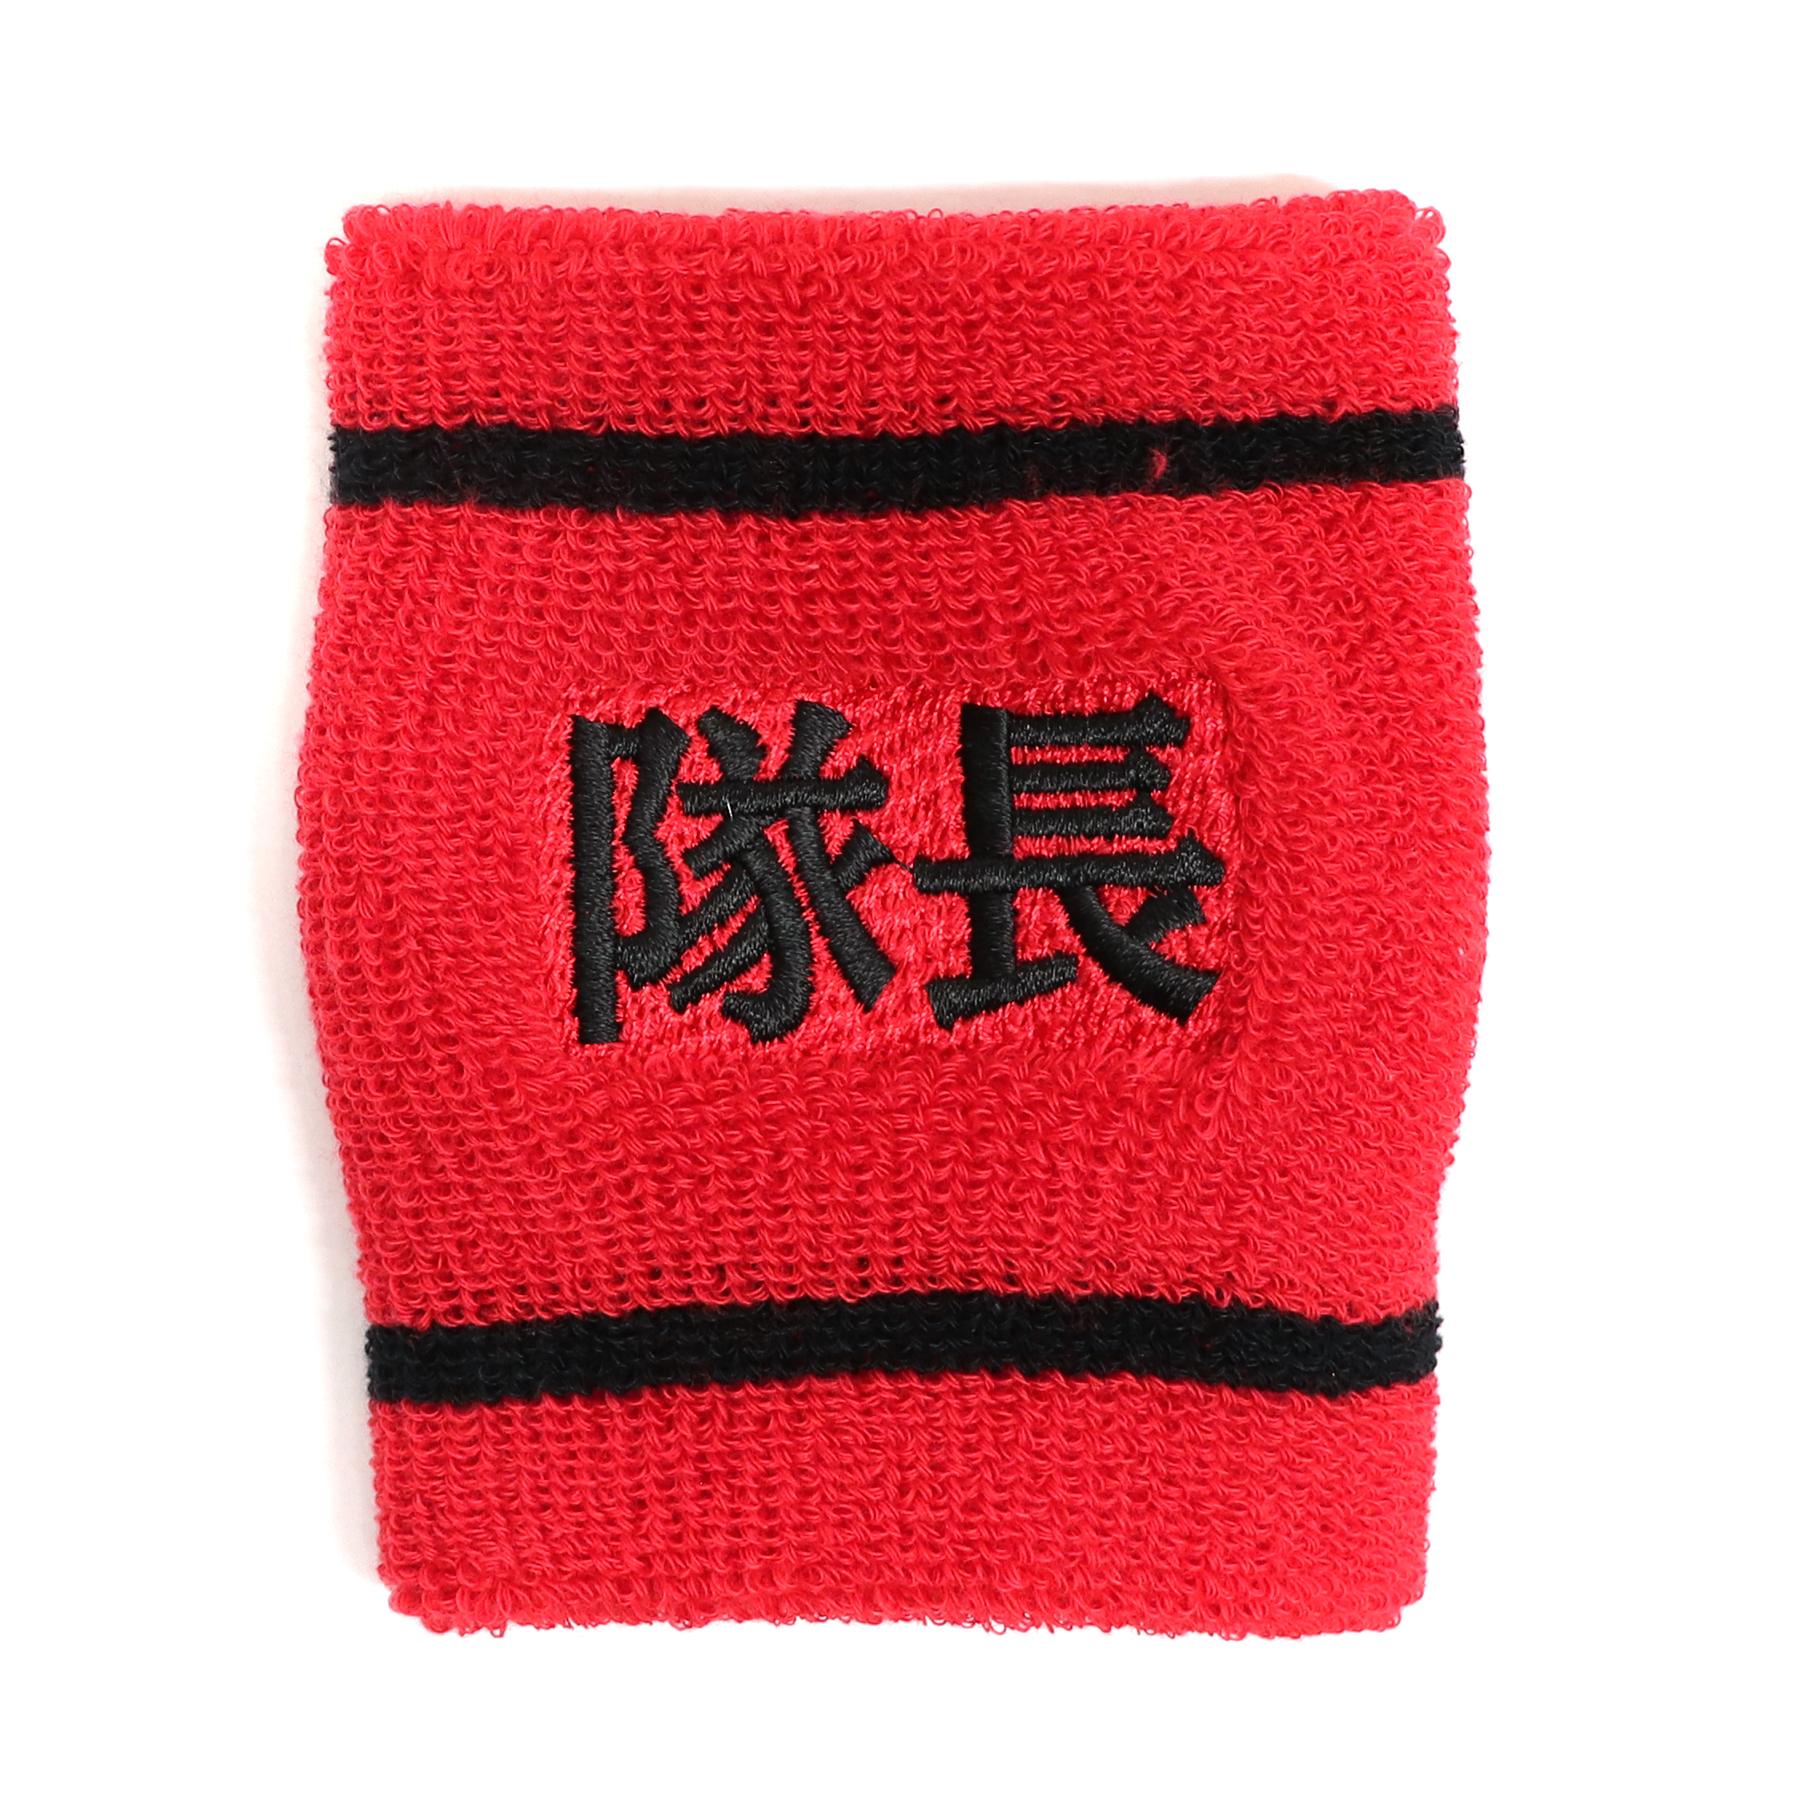 【17645】フォント刺繍/LN-L03:赤地×黒/Lサイズ